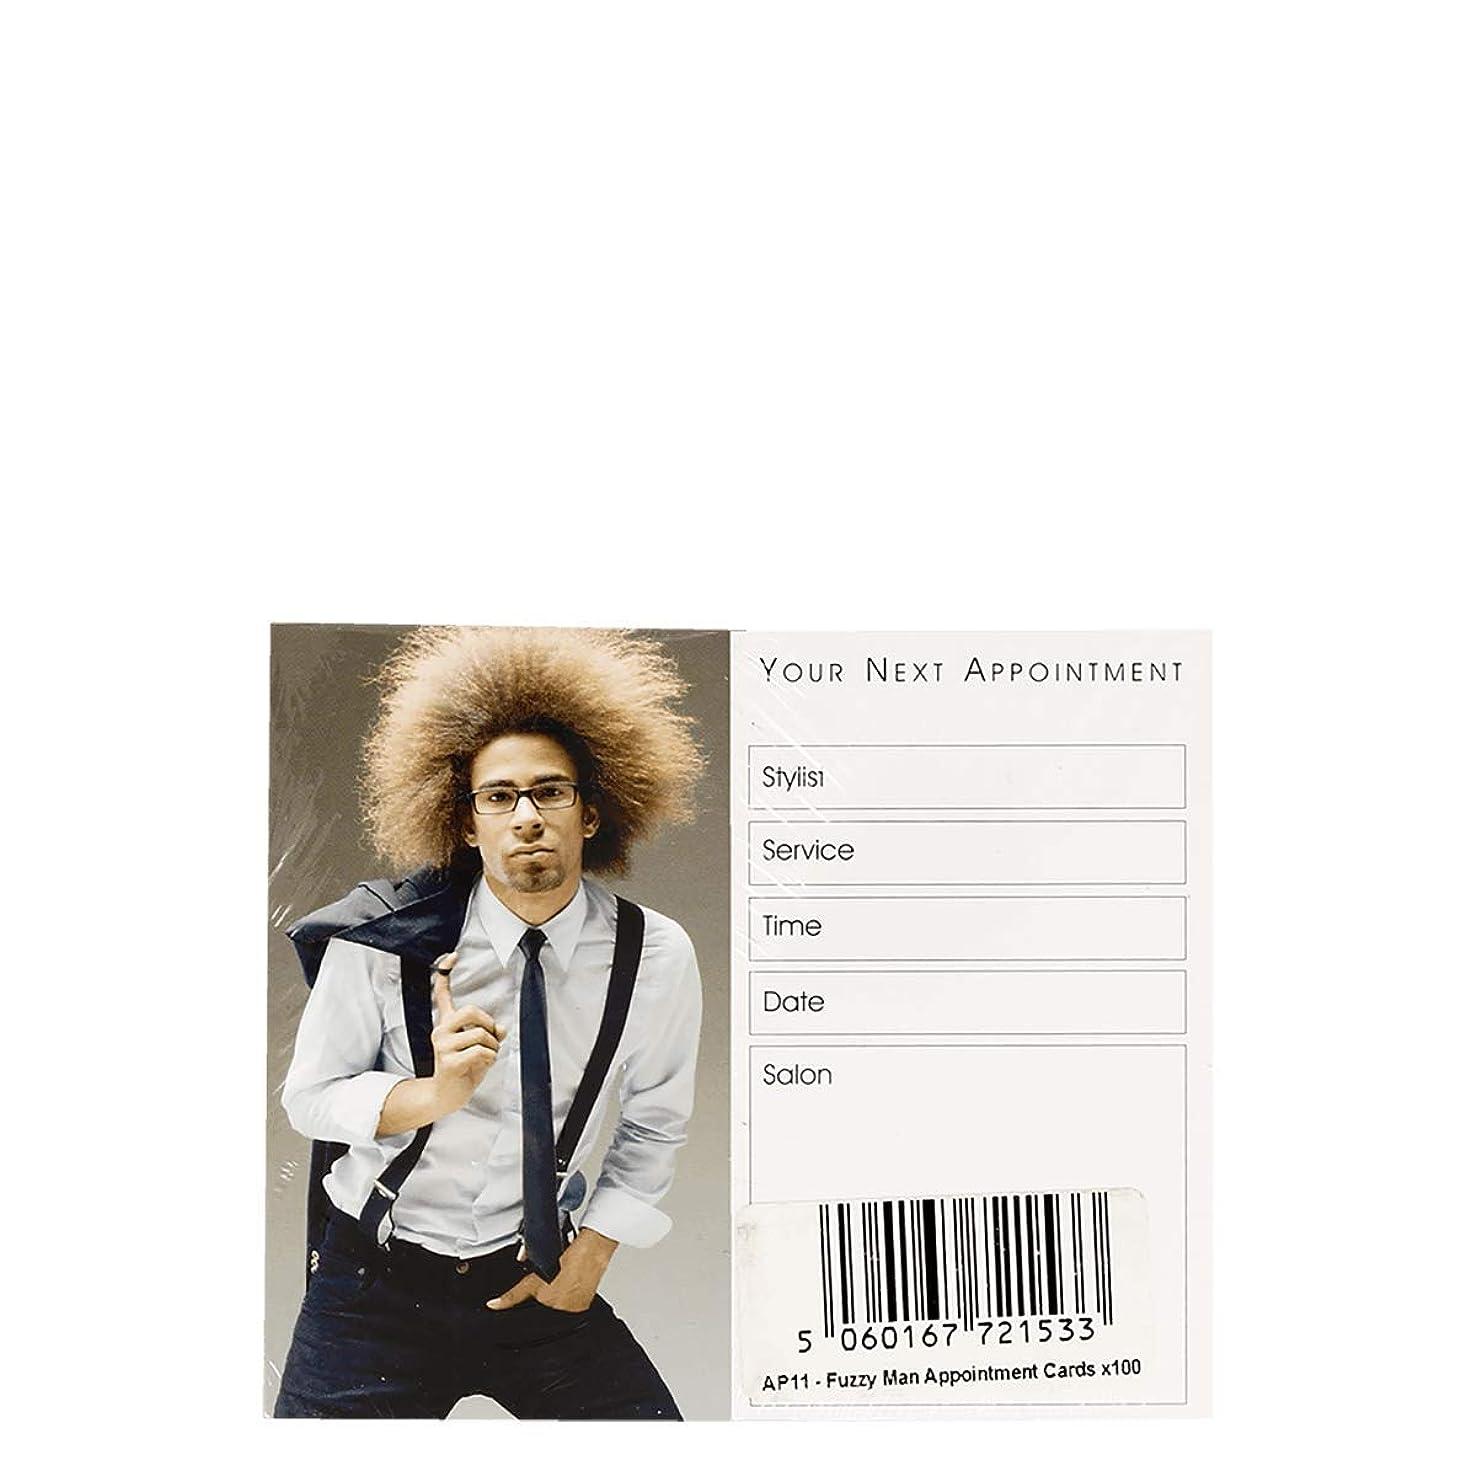 倫理公演解釈するアポイントメントカード Appointment Cards- AP11 FUZZY MAN CARDS x100[海外直送品] [並行輸入品]